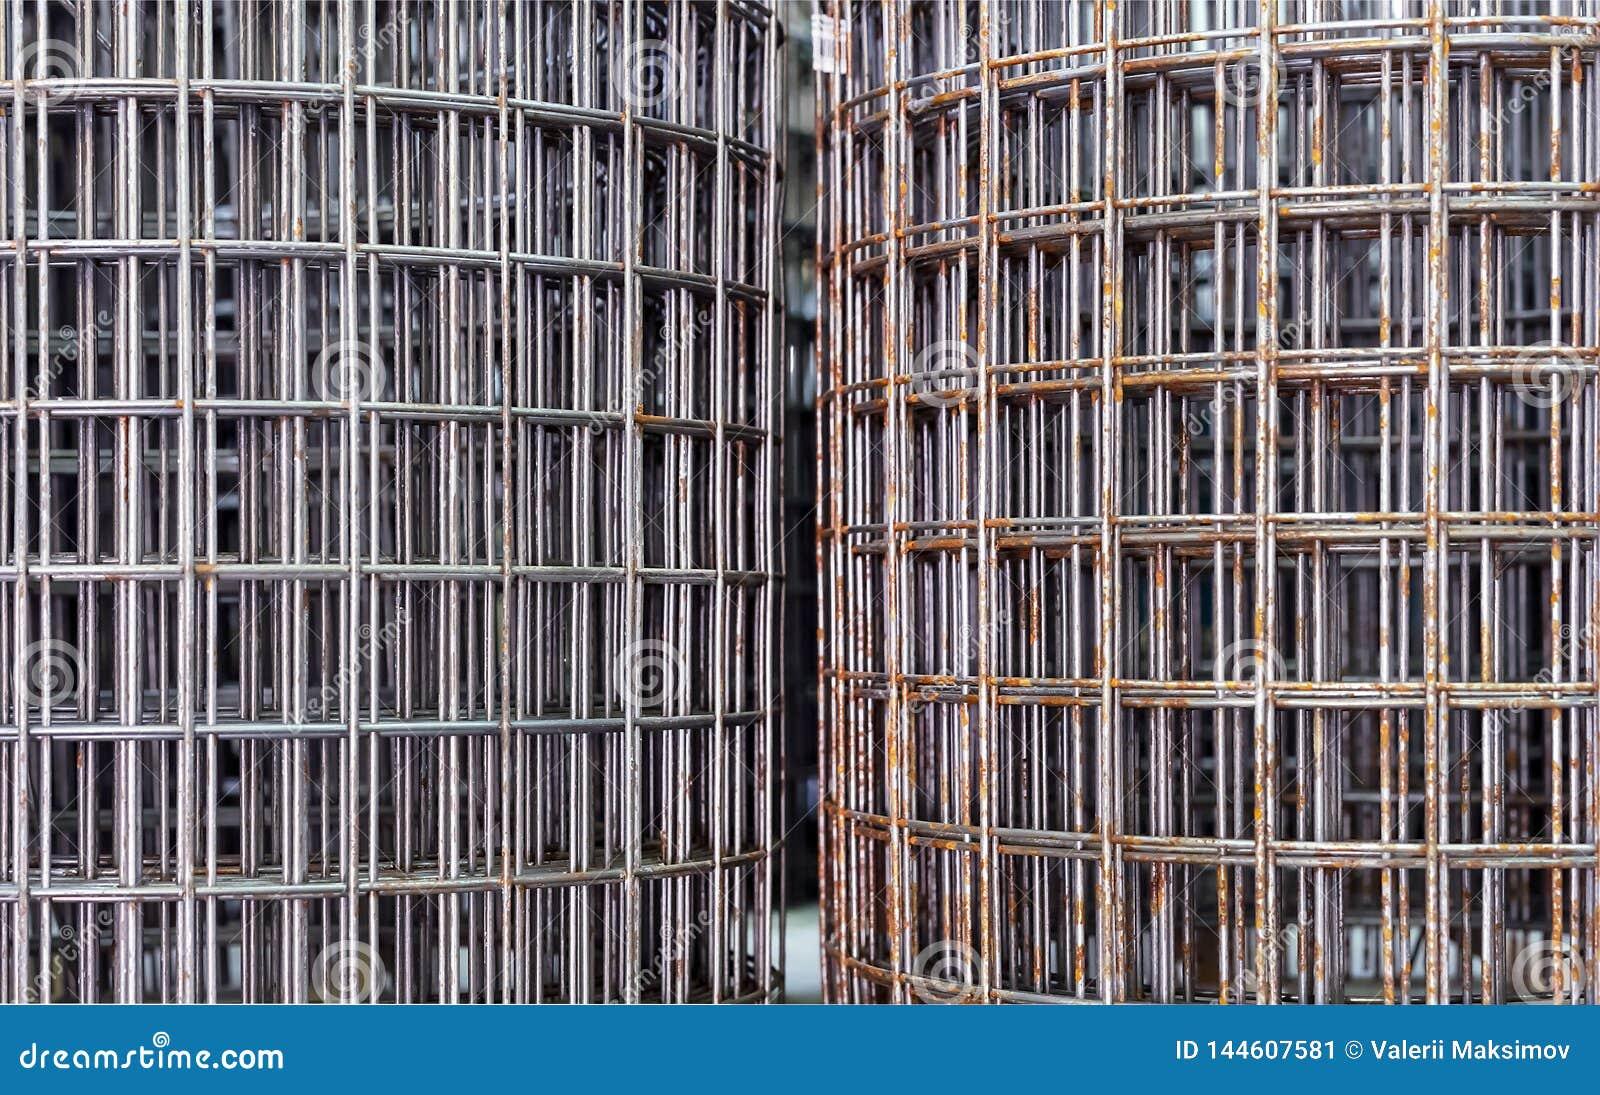 Reforçando a malha nos rolos para reforçar o concreto no canteiro de obras